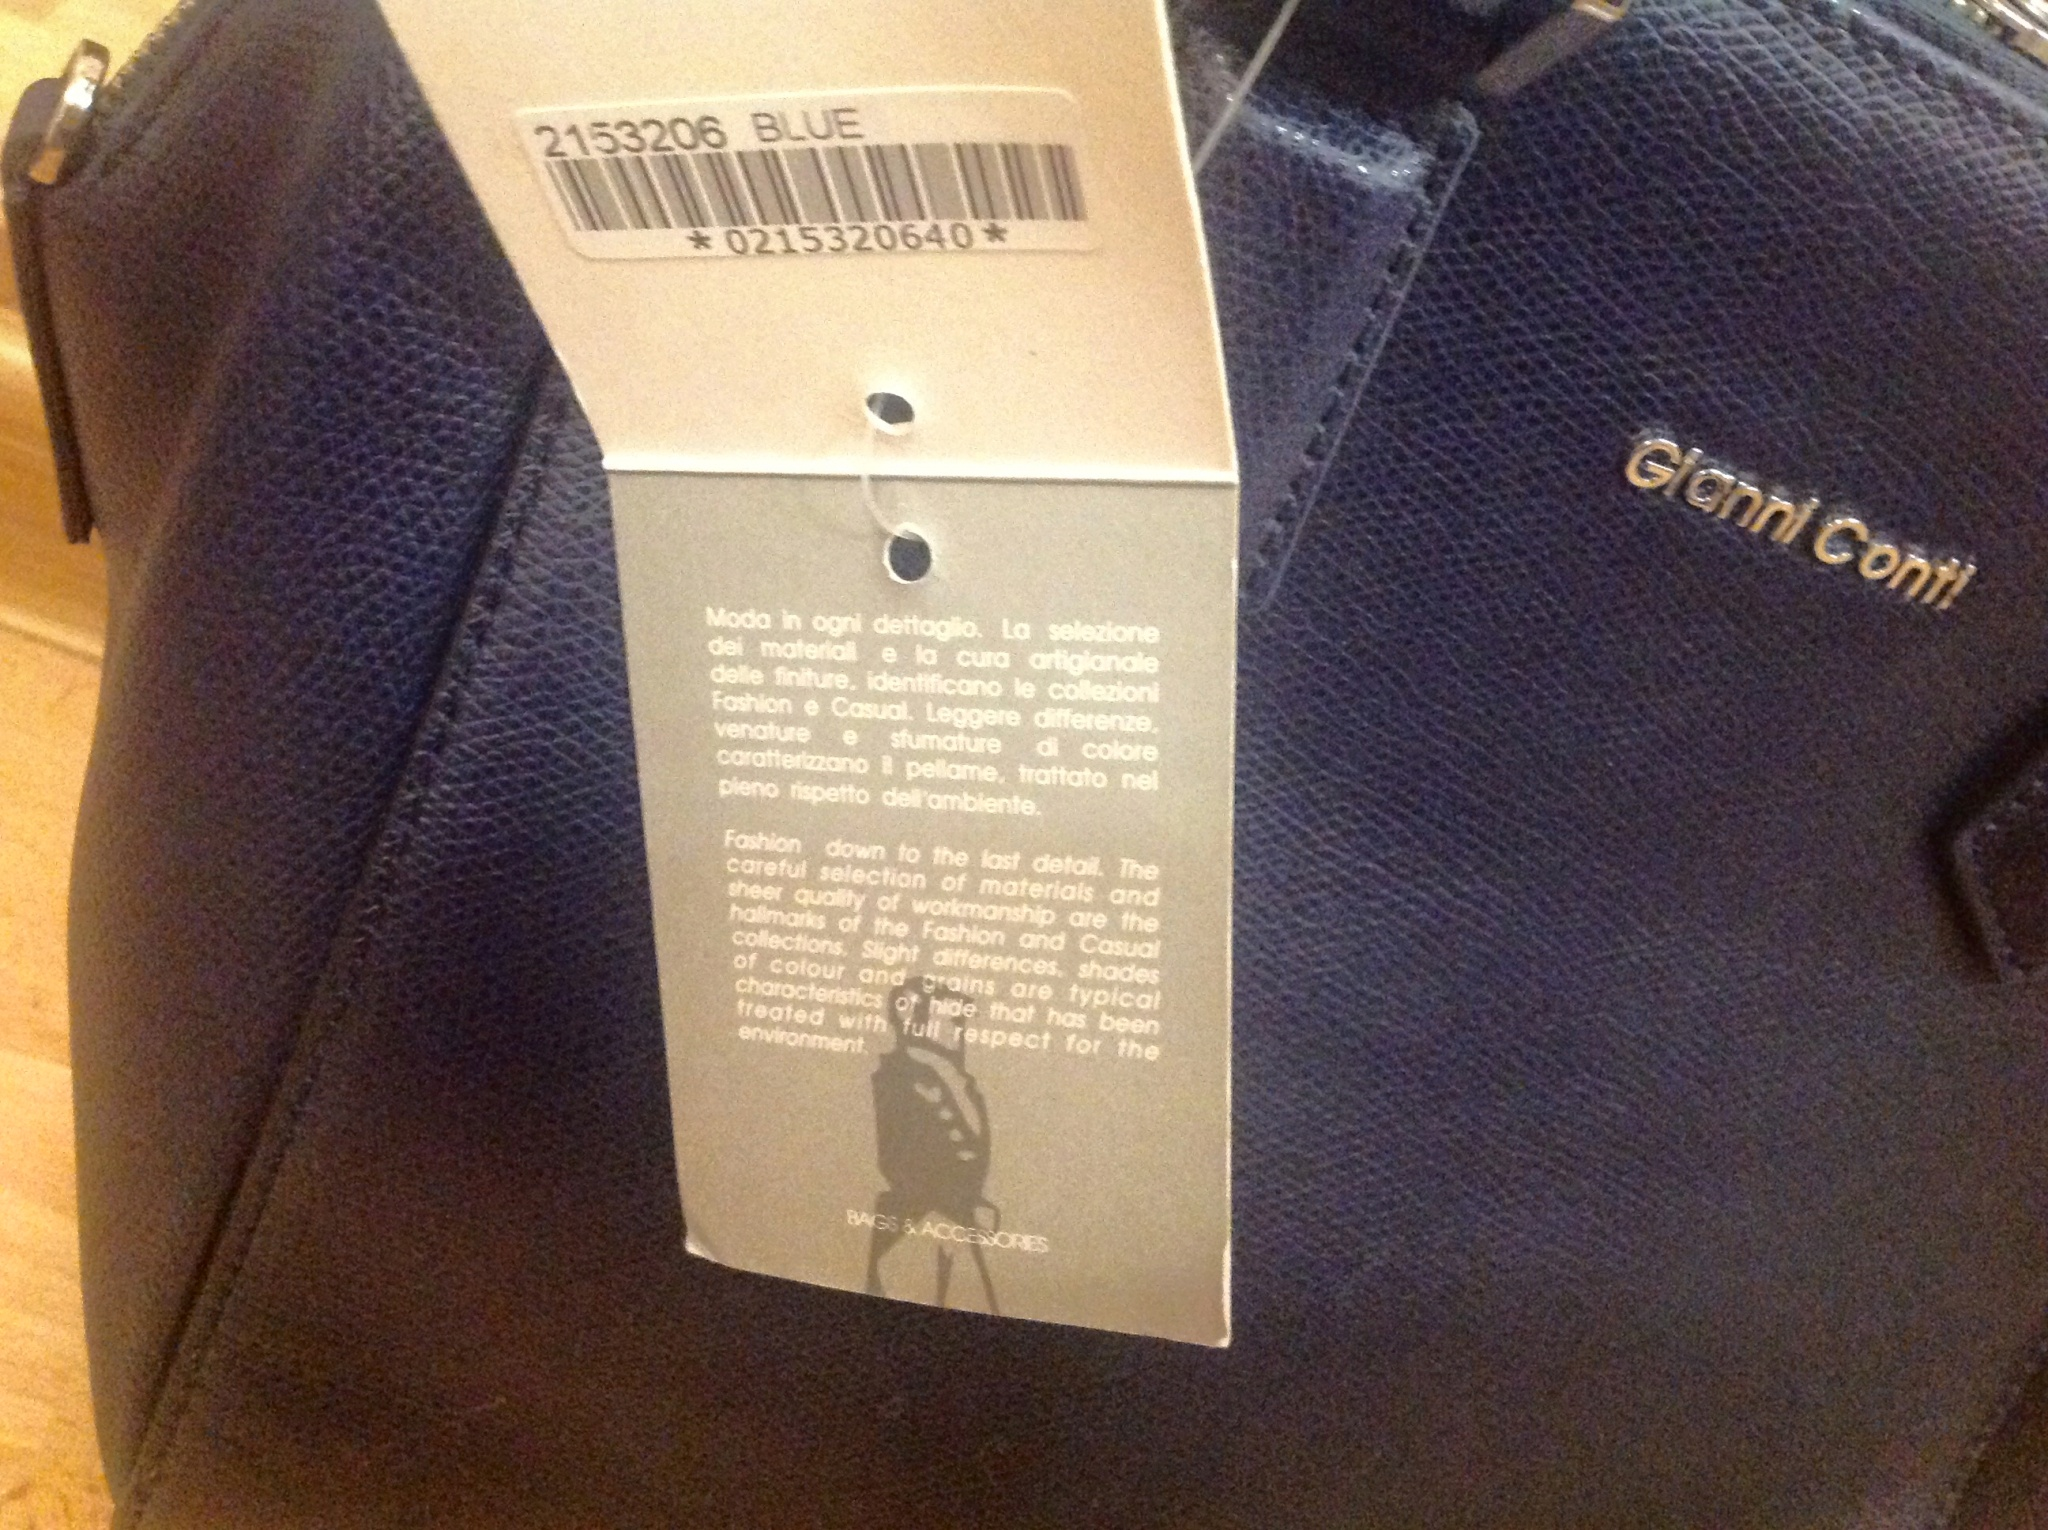 Обзор на Женская сумка Gianni Conti 2153206 blue, темно-синий - изображение  4 d0899212374